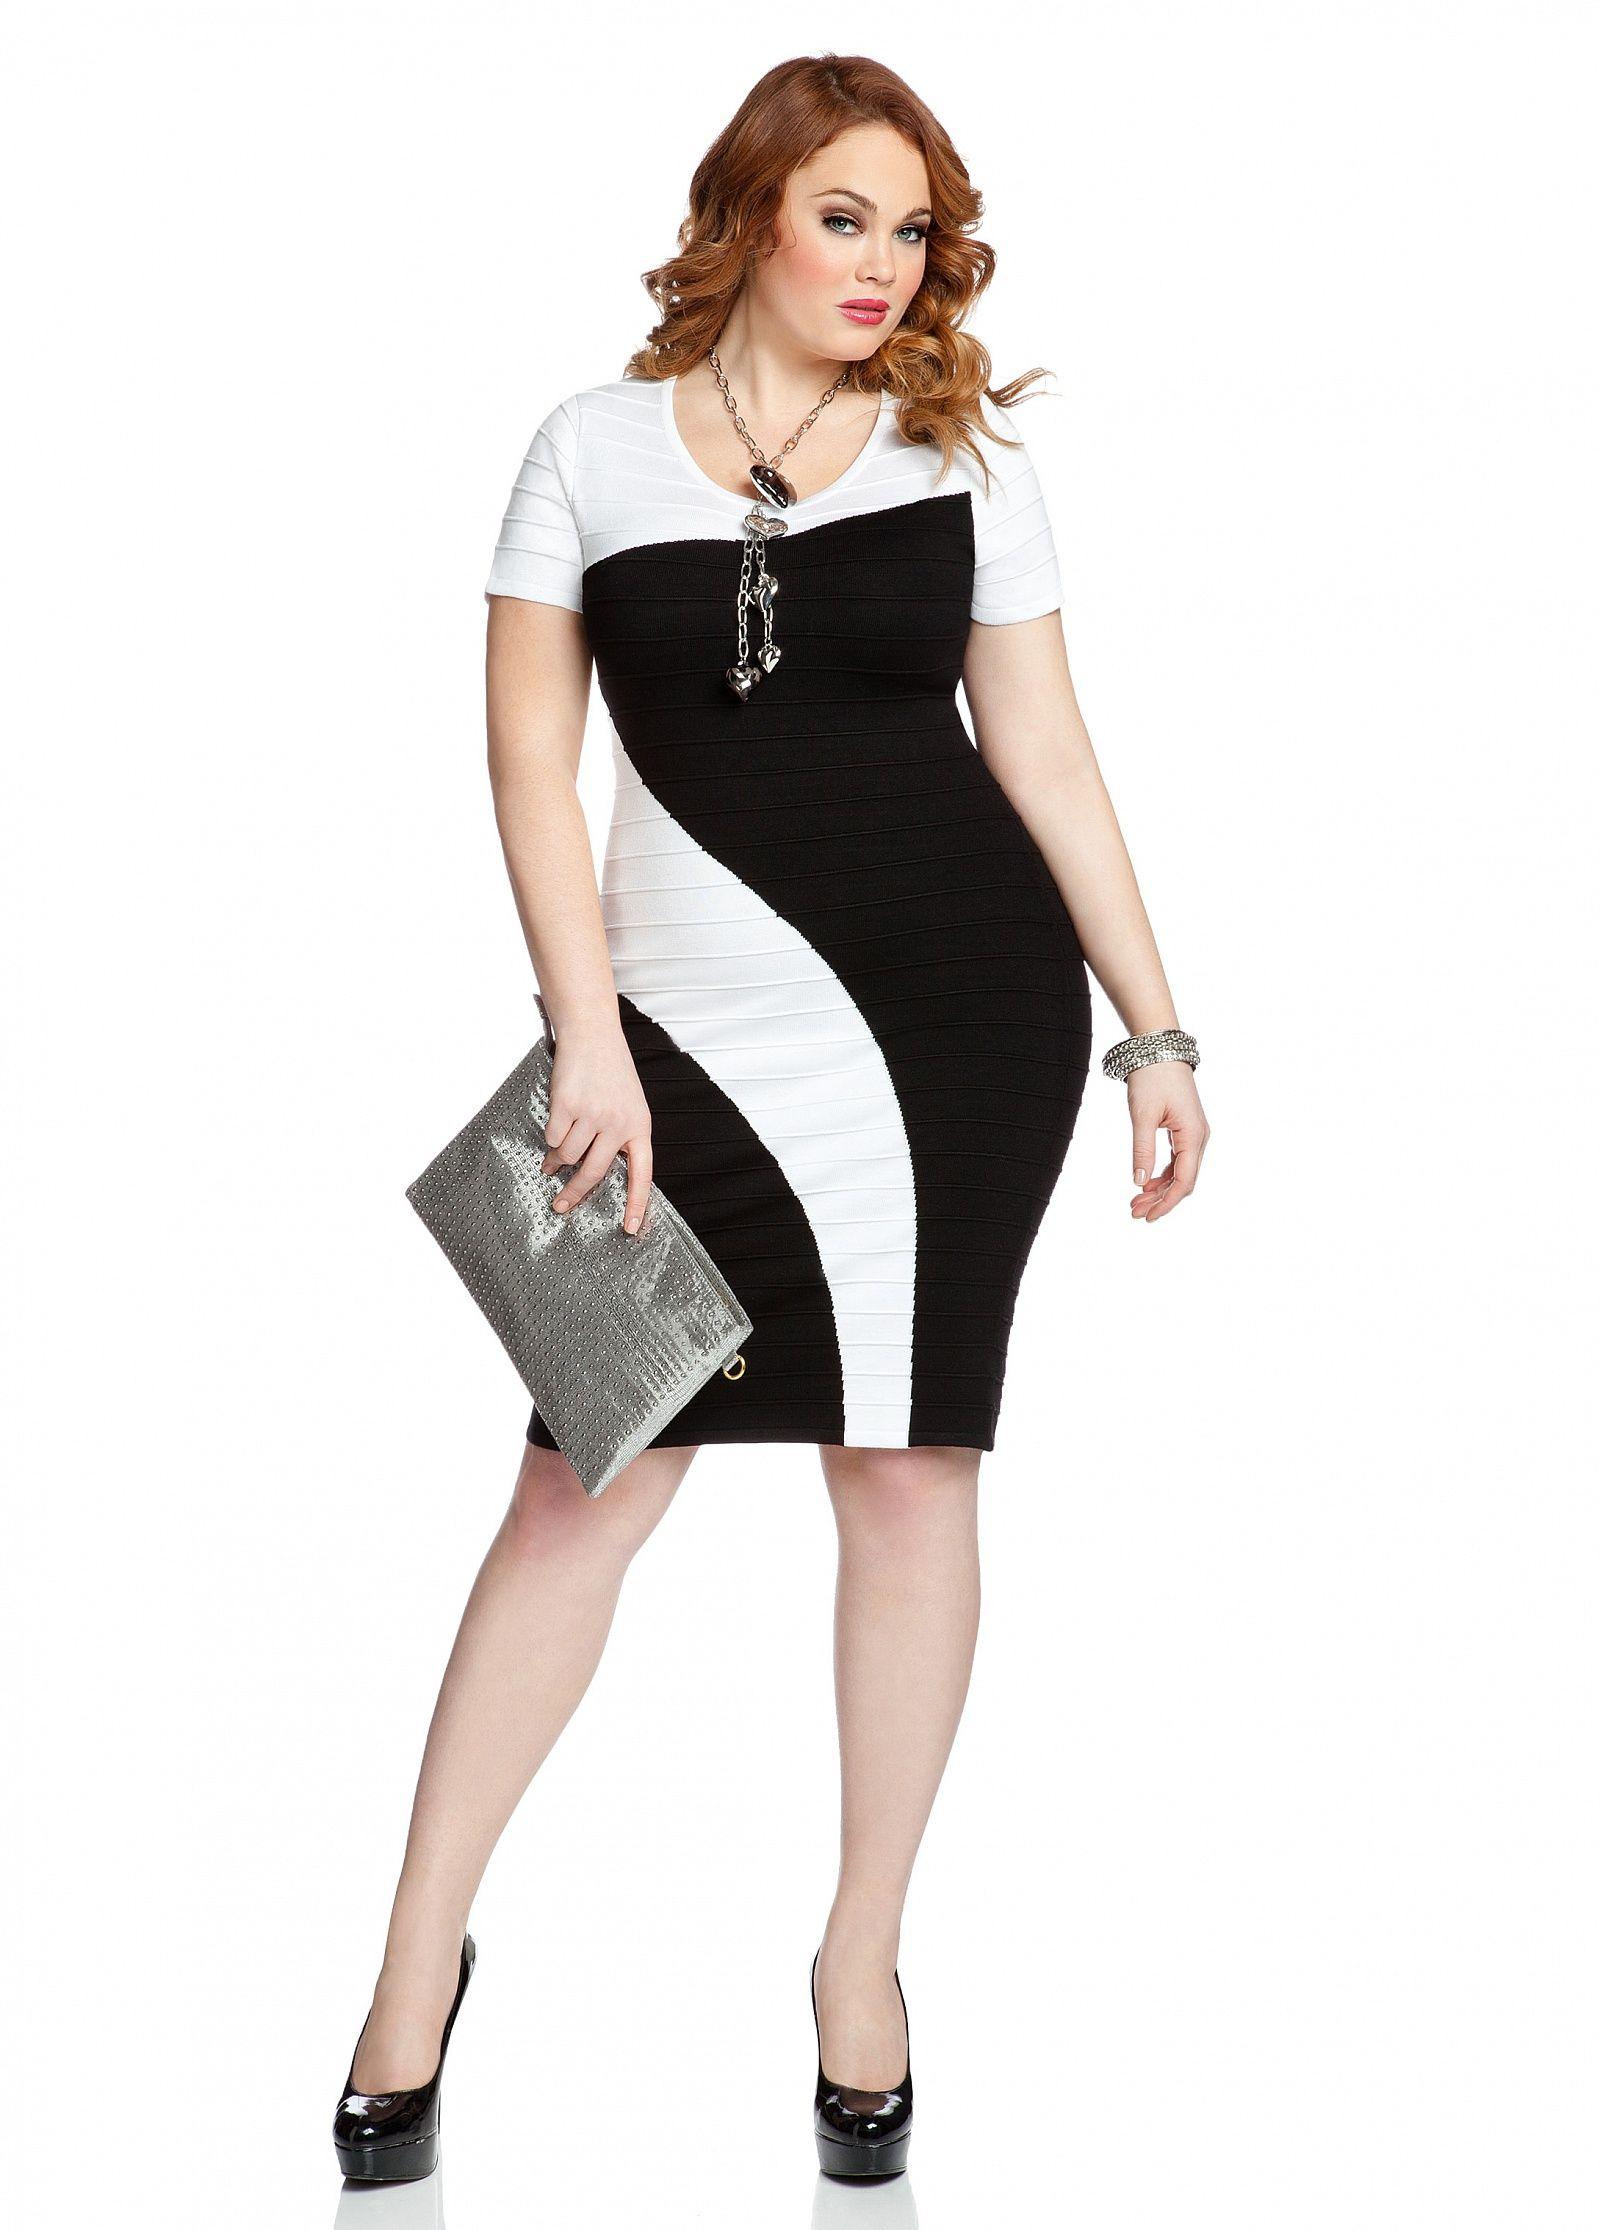 5 моделей платьев, которые скроют полноту и не повиснут балахоном